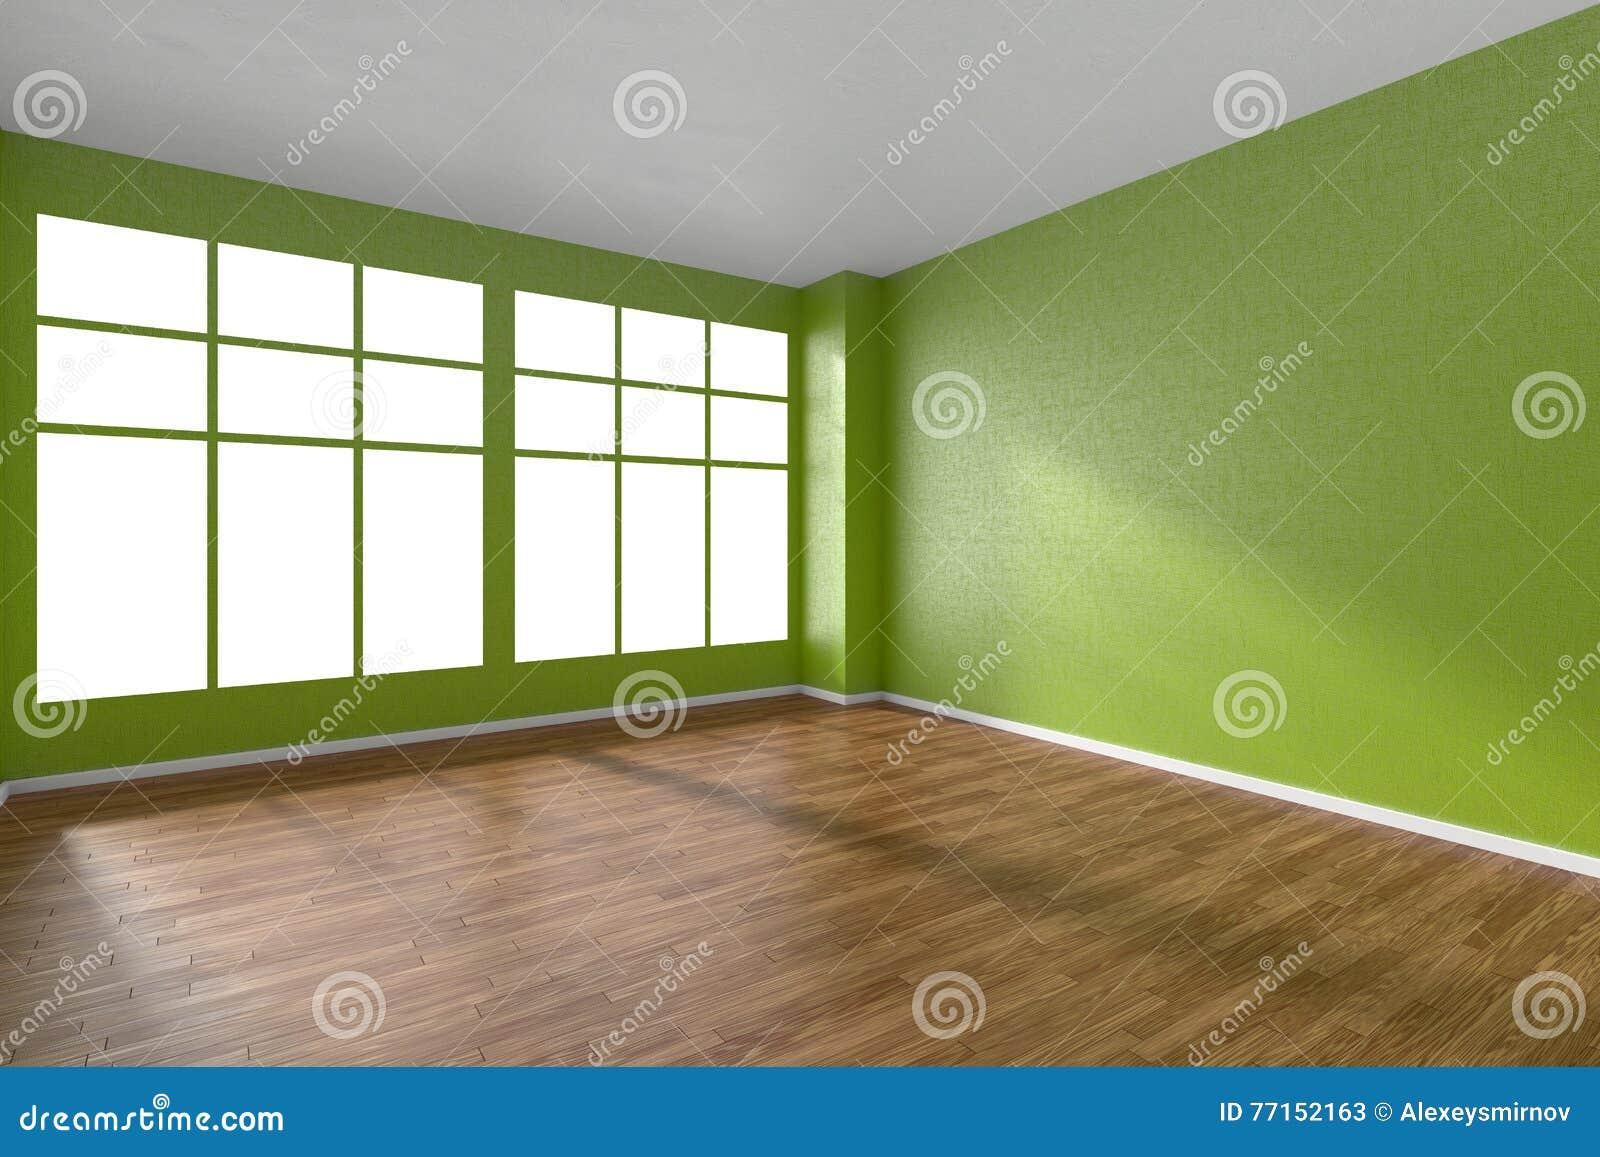 Pièce vide avec le plancher de parquet, les murs texturisés verts et le grand vent